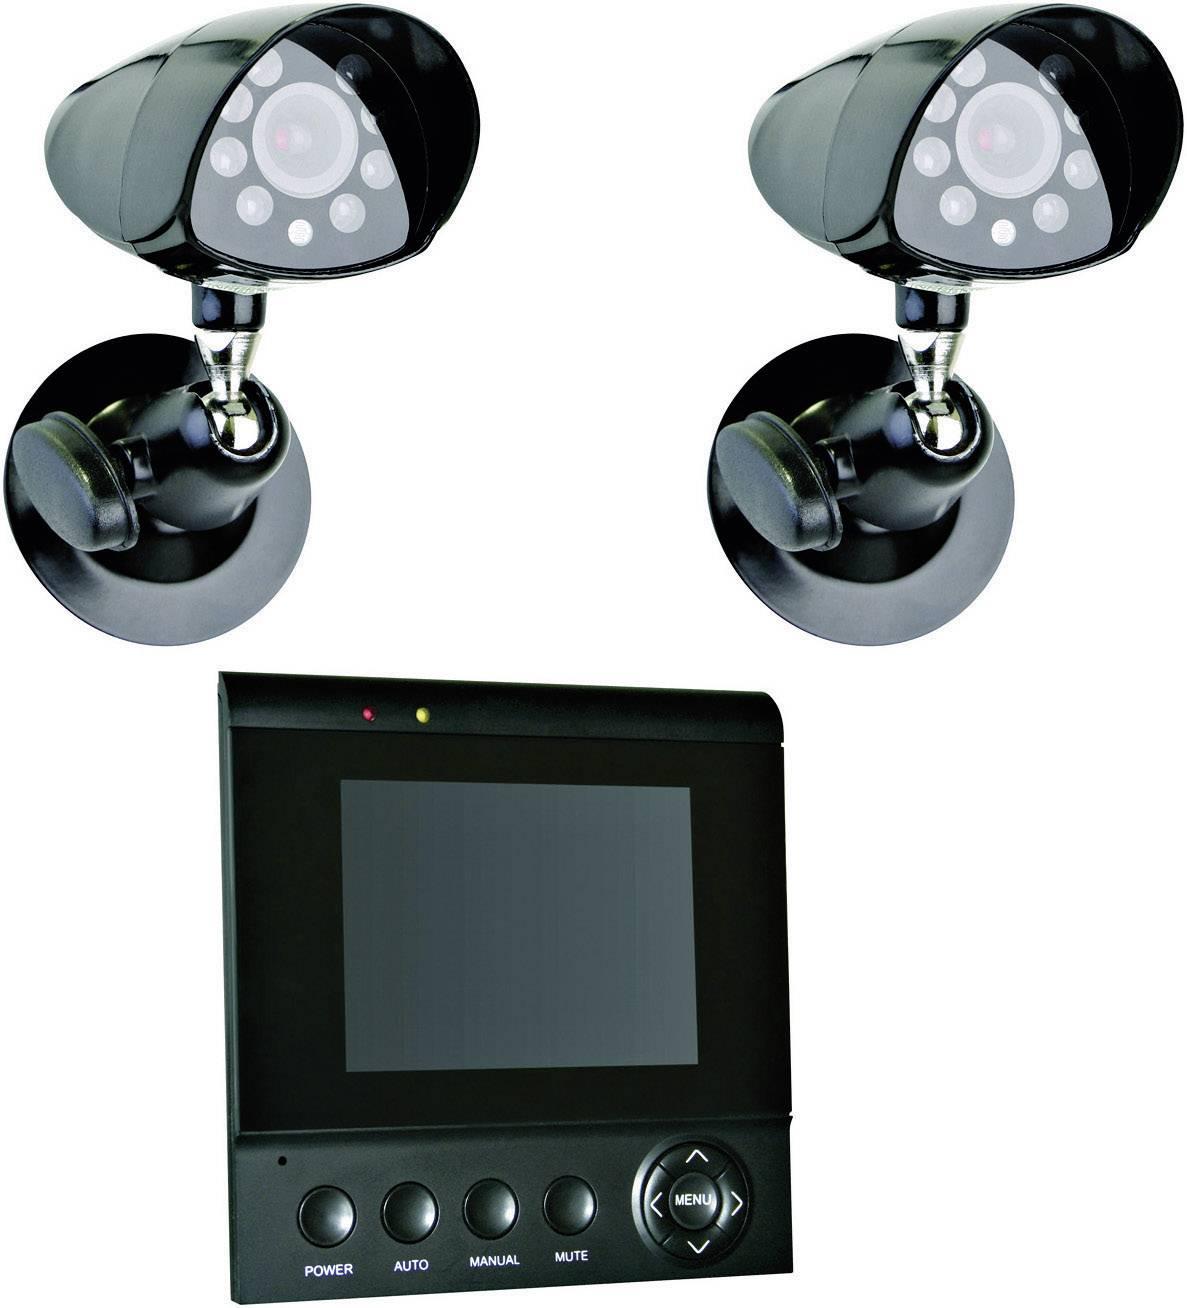 Sada bezpečnostnej kamery Smartwares CS72SEC, 2-kanálový